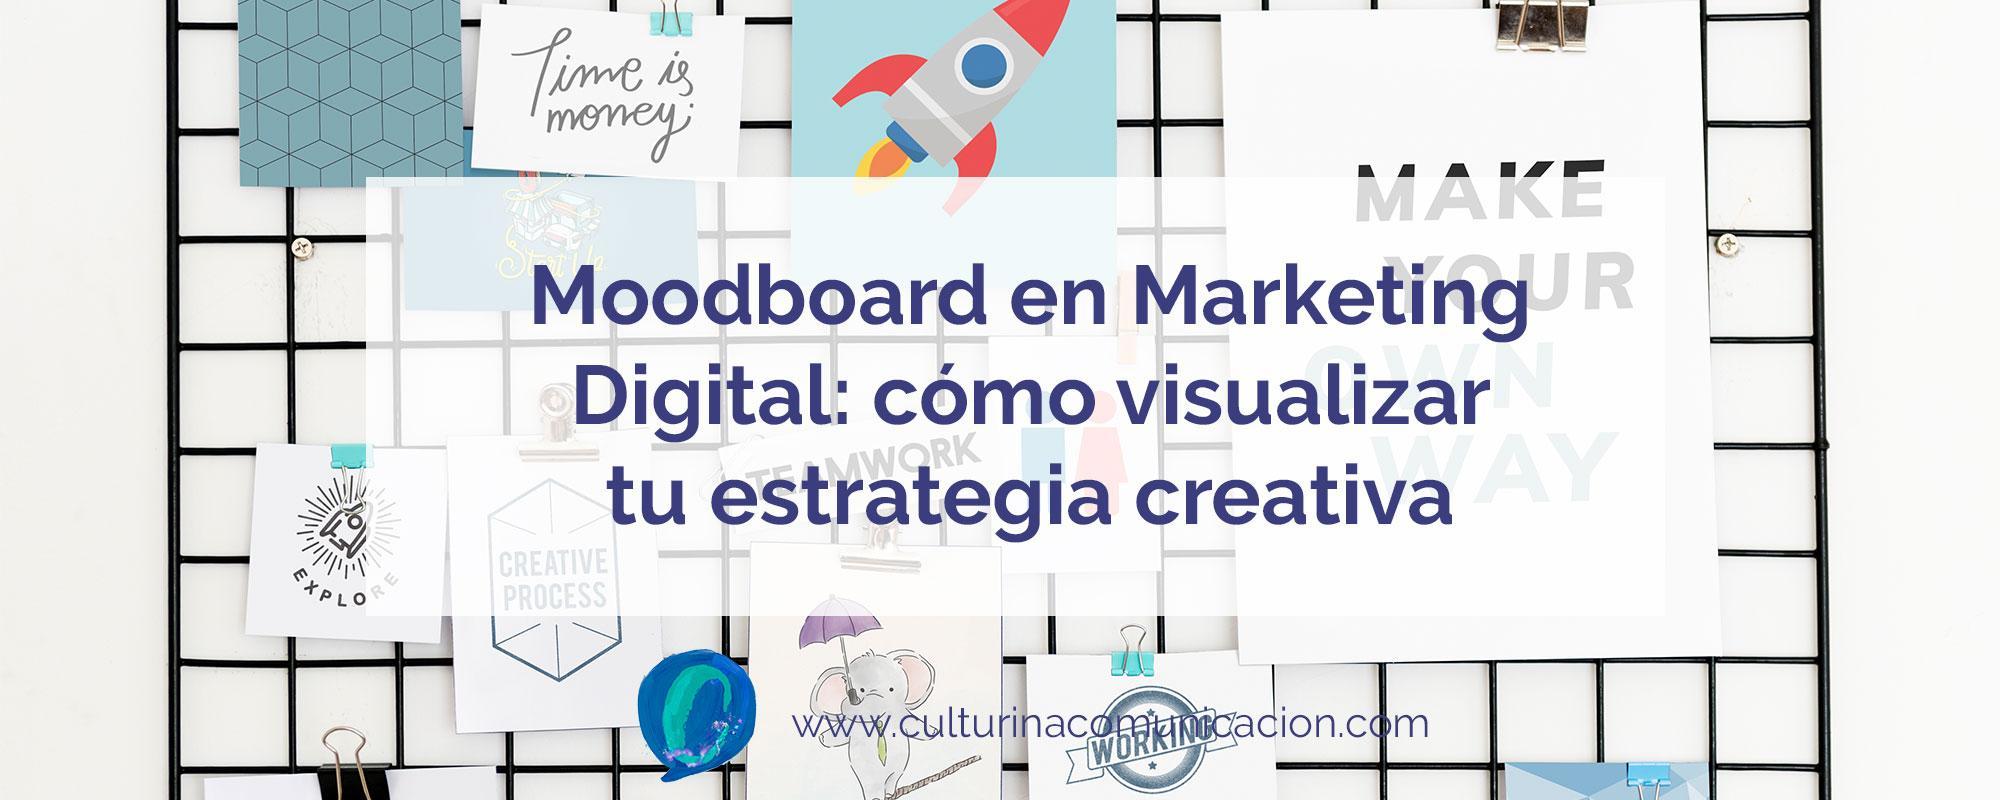 moodboard de marketing digital, culturina comunicación